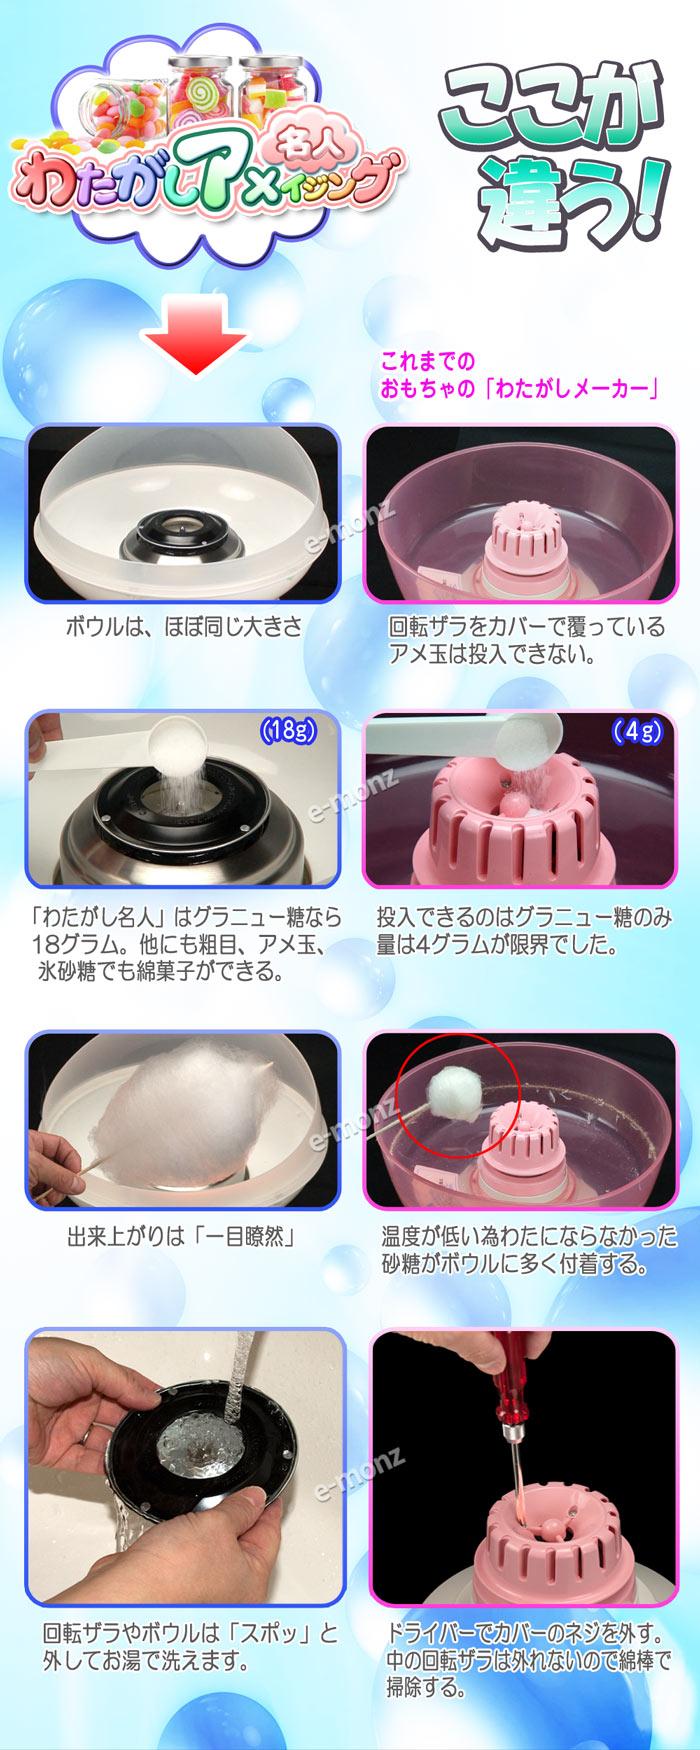 コットンキャンディーメーカー【わたがしアメイジング】ブルー